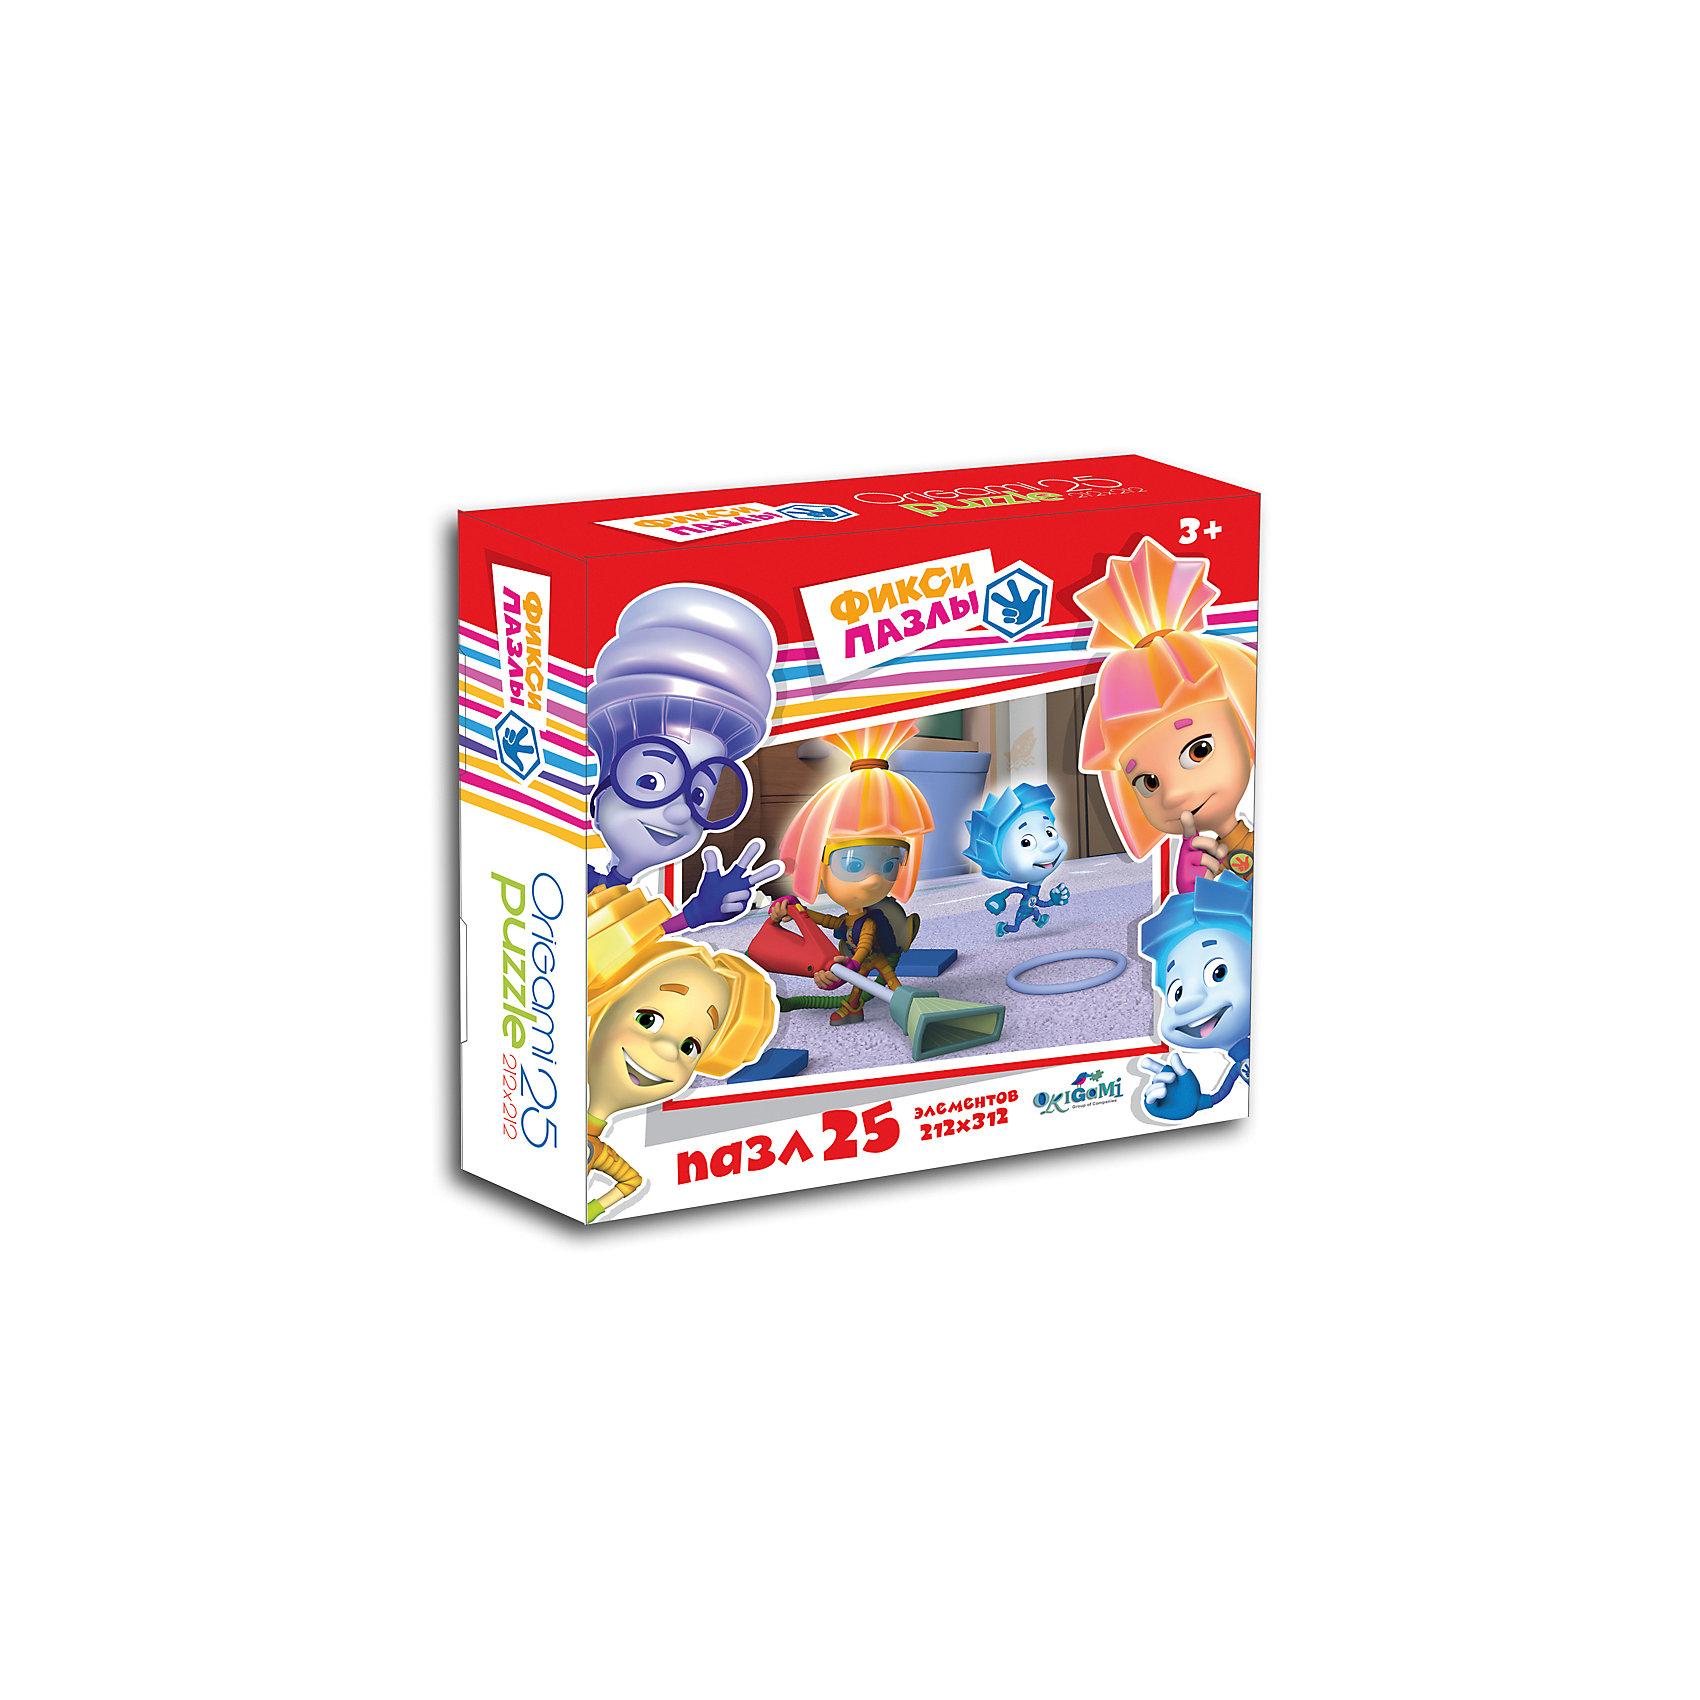 Пазл Фиксики 25 деталей, OrigamiПопулярные игрушки<br>Пазл  Фиксики порадует всех поклонников известного детского мультсериала. Пазл за пазлом ребёнок  будет узнавать о весёлых приключениях Фиксиков, они расскажут много интересного  и познавательного. Играя, ребёнок будет развивать свою кругозор, тренировать мелкую моторику, развивать внимание и усидчивость. <br><br>Дополнительная информация:<br><br>- Материал: картон.<br>- Размер пазла 21,2х21,2 см.<br><br>Пазл Фиксики 25 деталей, Origami (Оригами), можно купить в нашем магазине.<br><br>Ширина мм: 150<br>Глубина мм: 45<br>Высота мм: 150<br>Вес г: 82<br>Возраст от месяцев: 36<br>Возраст до месяцев: 96<br>Пол: Унисекс<br>Возраст: Детский<br>Количество деталей: 25<br>SKU: 4532000